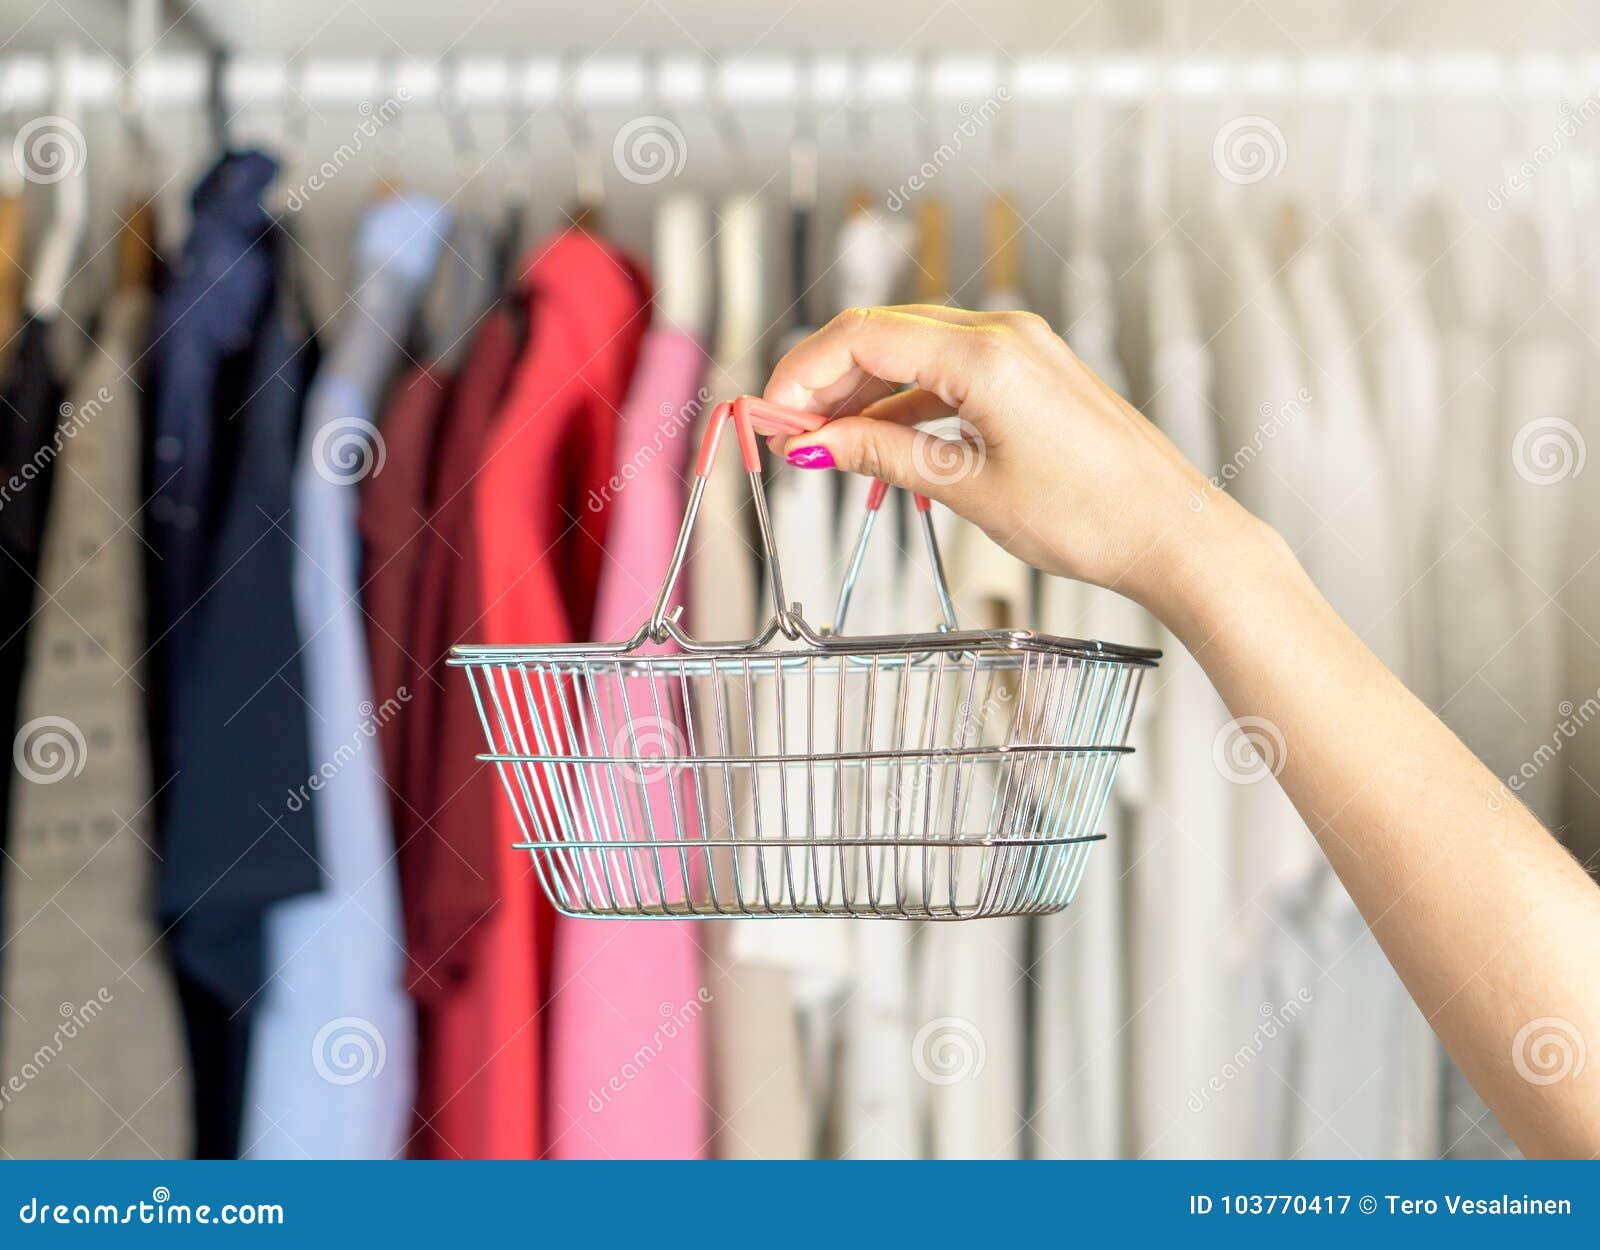 Achats de femme pour des vêtements